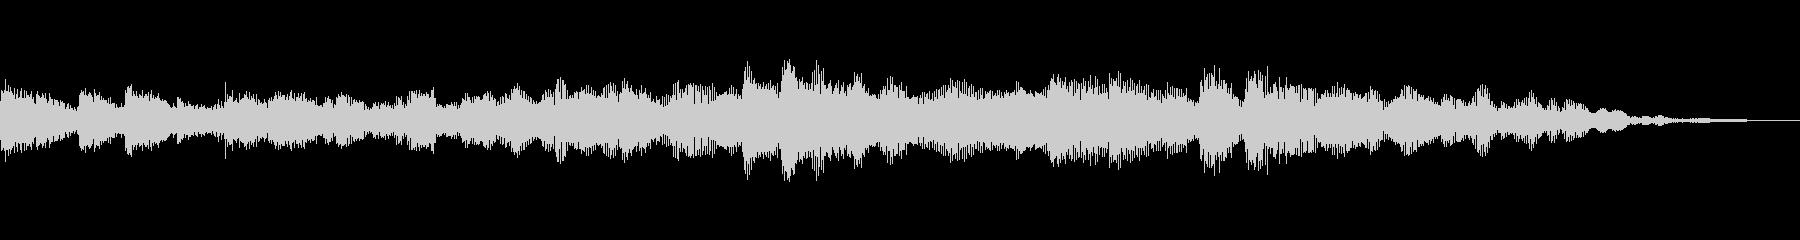 ダークで静謐なピアノアンビエントの未再生の波形